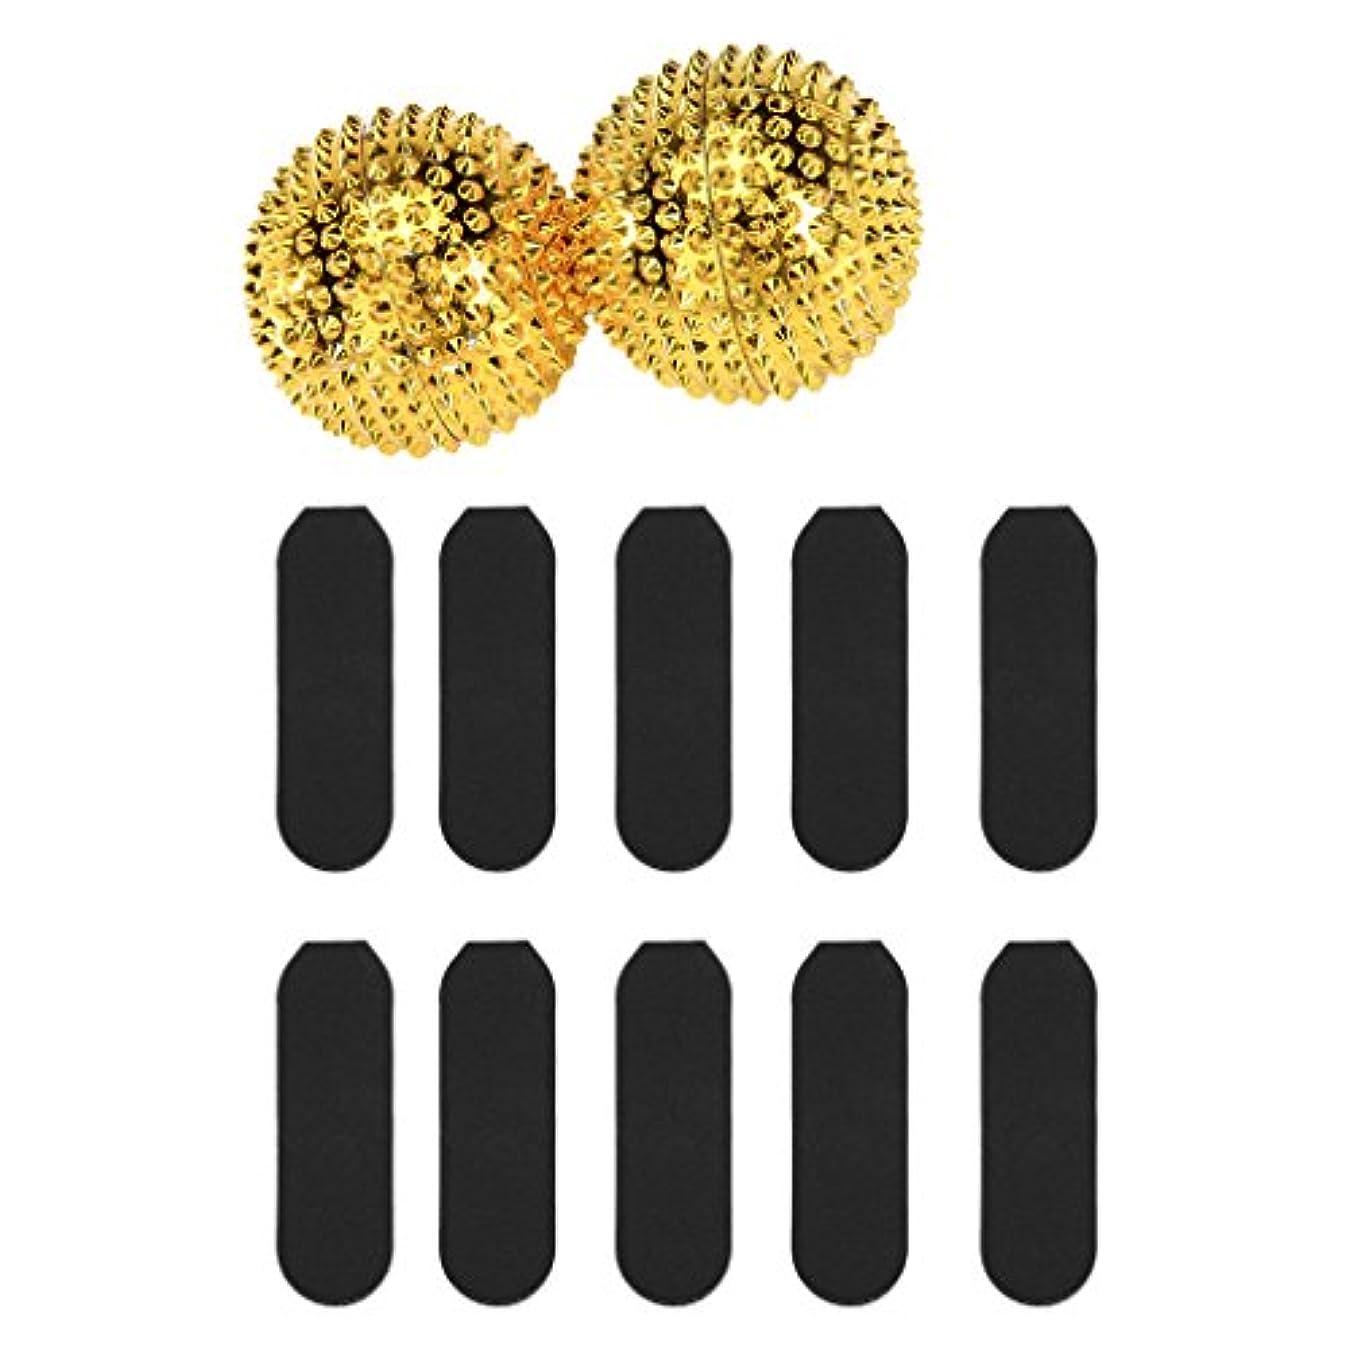 ケーブルカーリングレット増加する刺激 ボール マッサージ用 筋肉緊張和らげ + 10枚セット サンドペーパー デッド スキン カルス リムーバー ツール